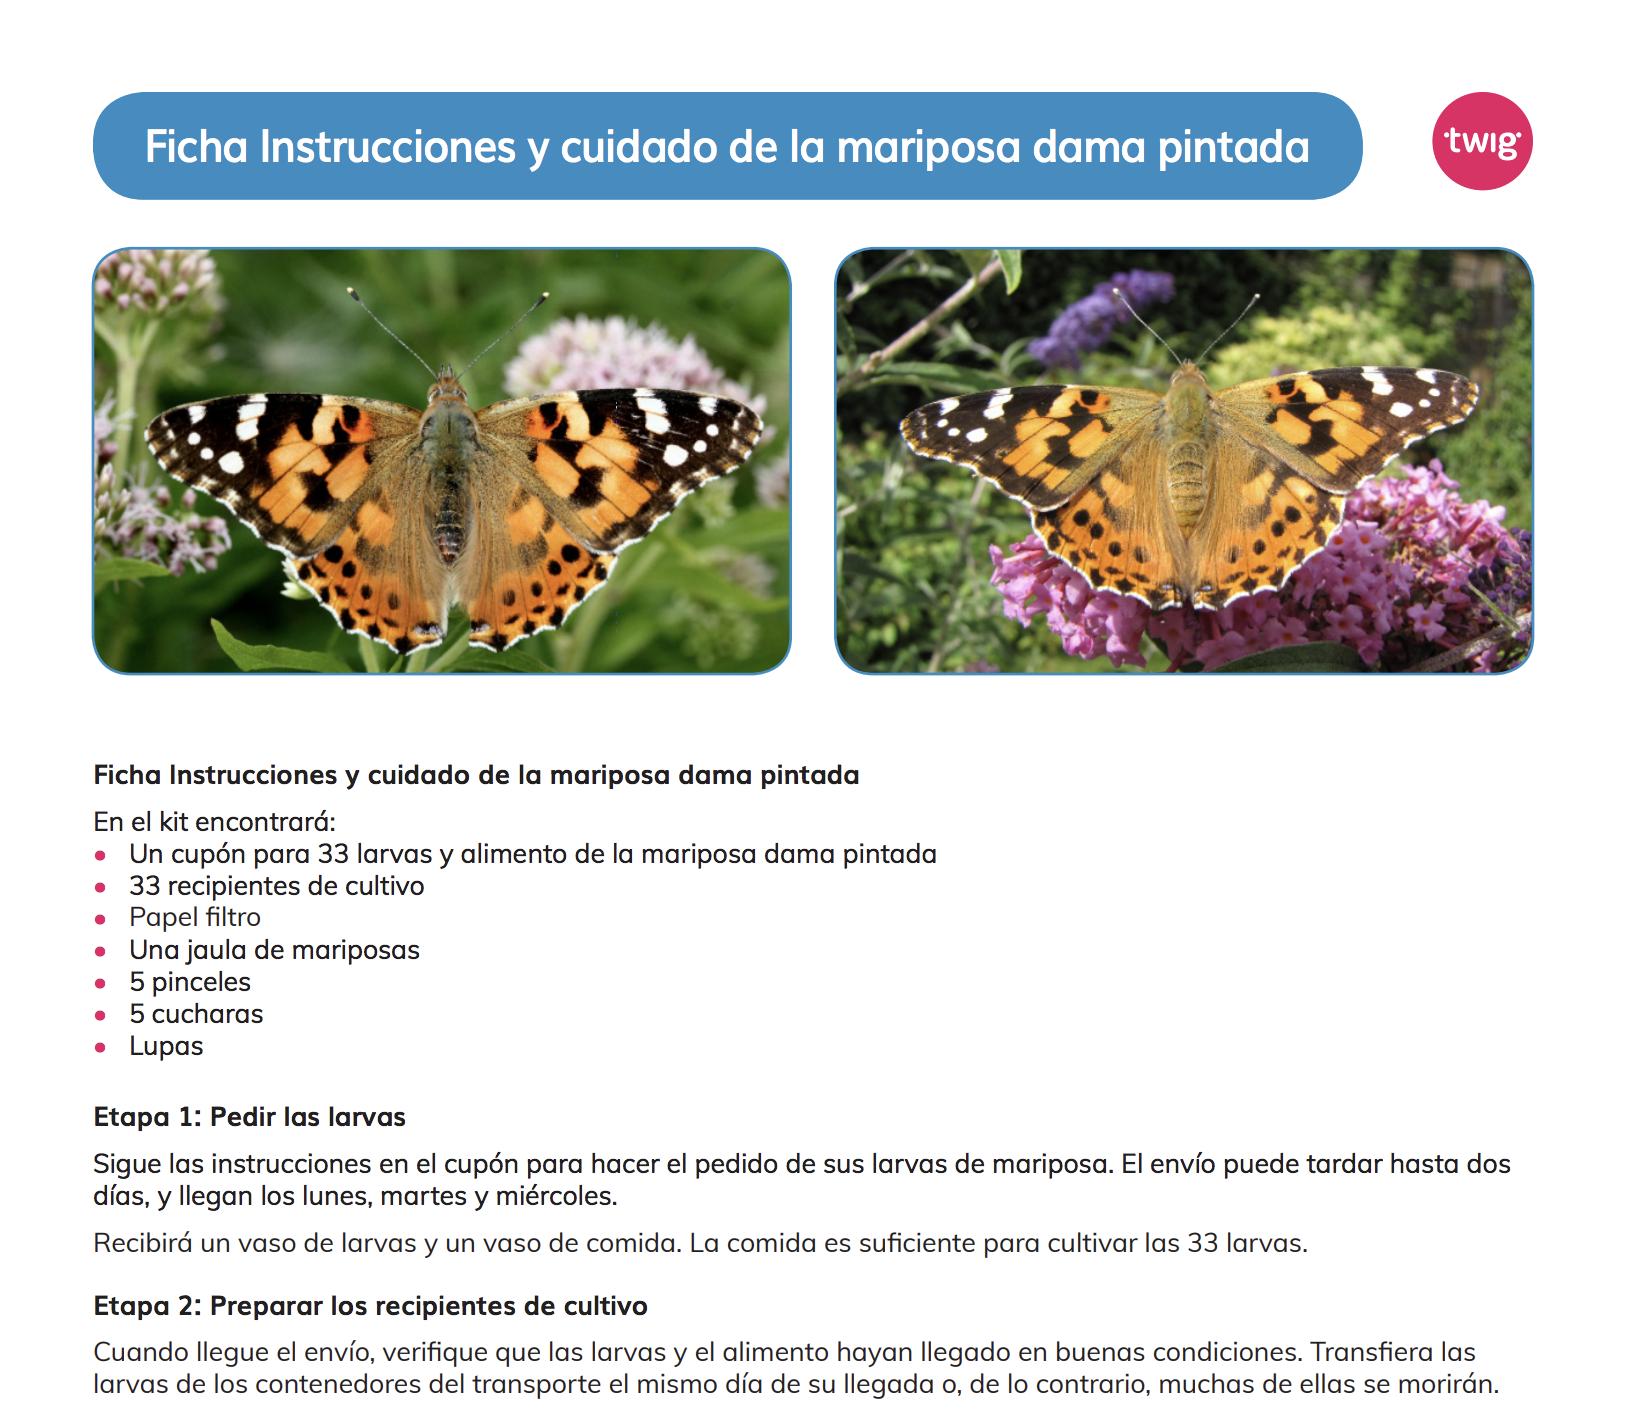 Ficha Instrucciones y cuidado de la mariposa dama pintada